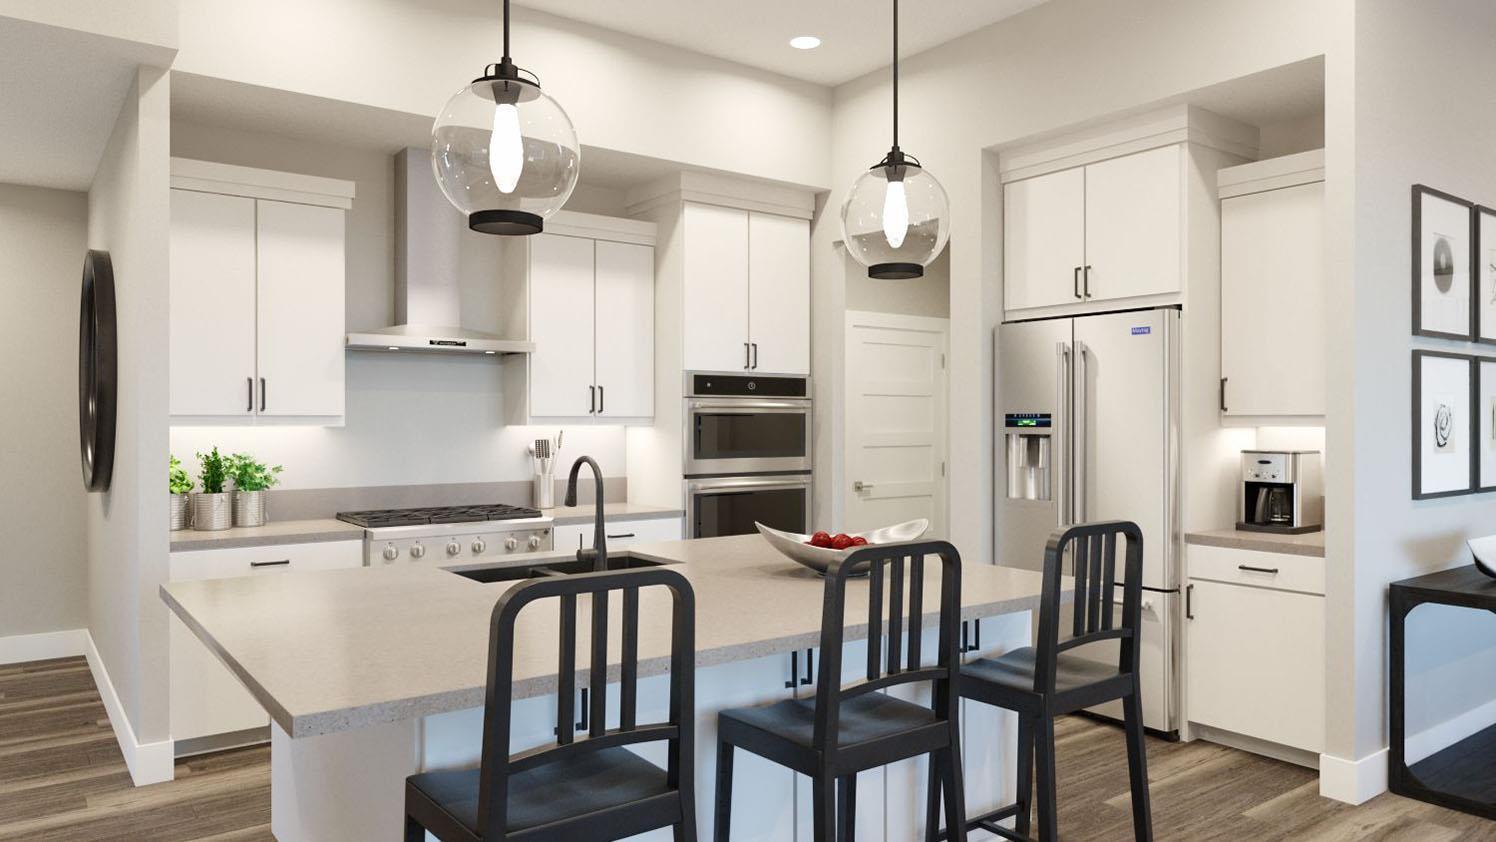 Kitchen featured in the Brighton By GCD in Salt Lake City-Ogden, UT